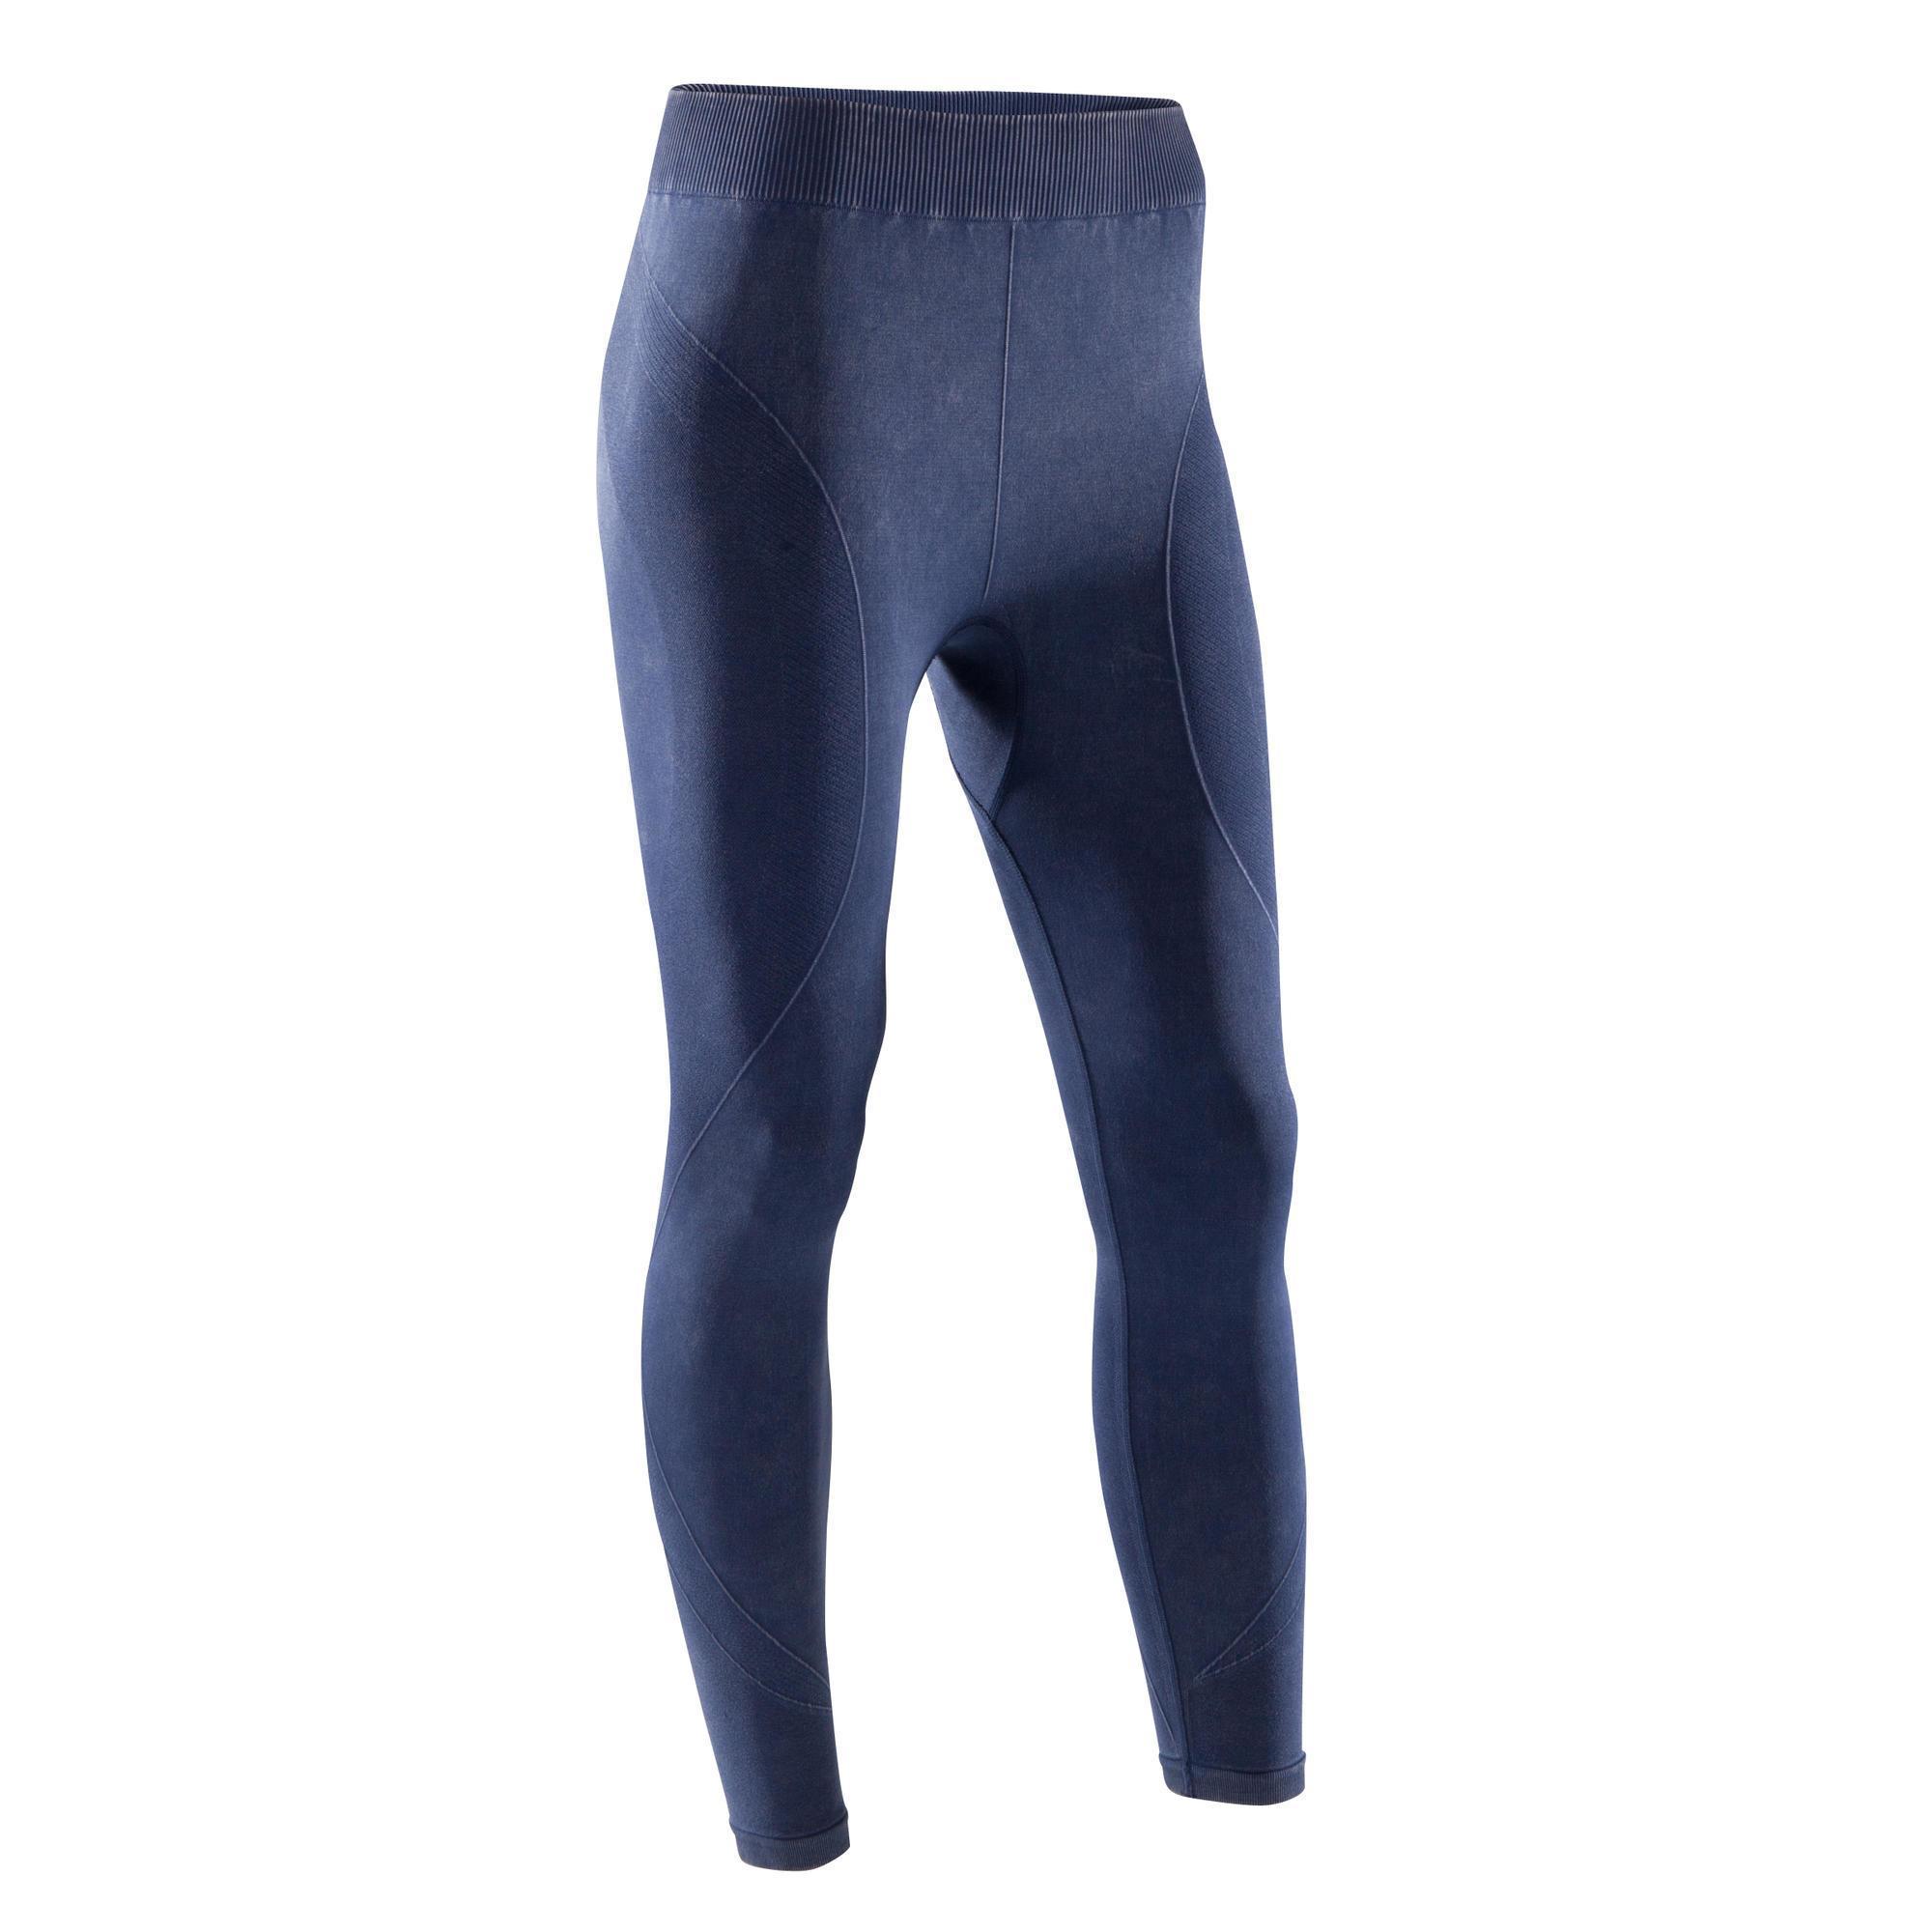 Yoga+ 500 Women's Seamless 7/8 Leggings - Blue